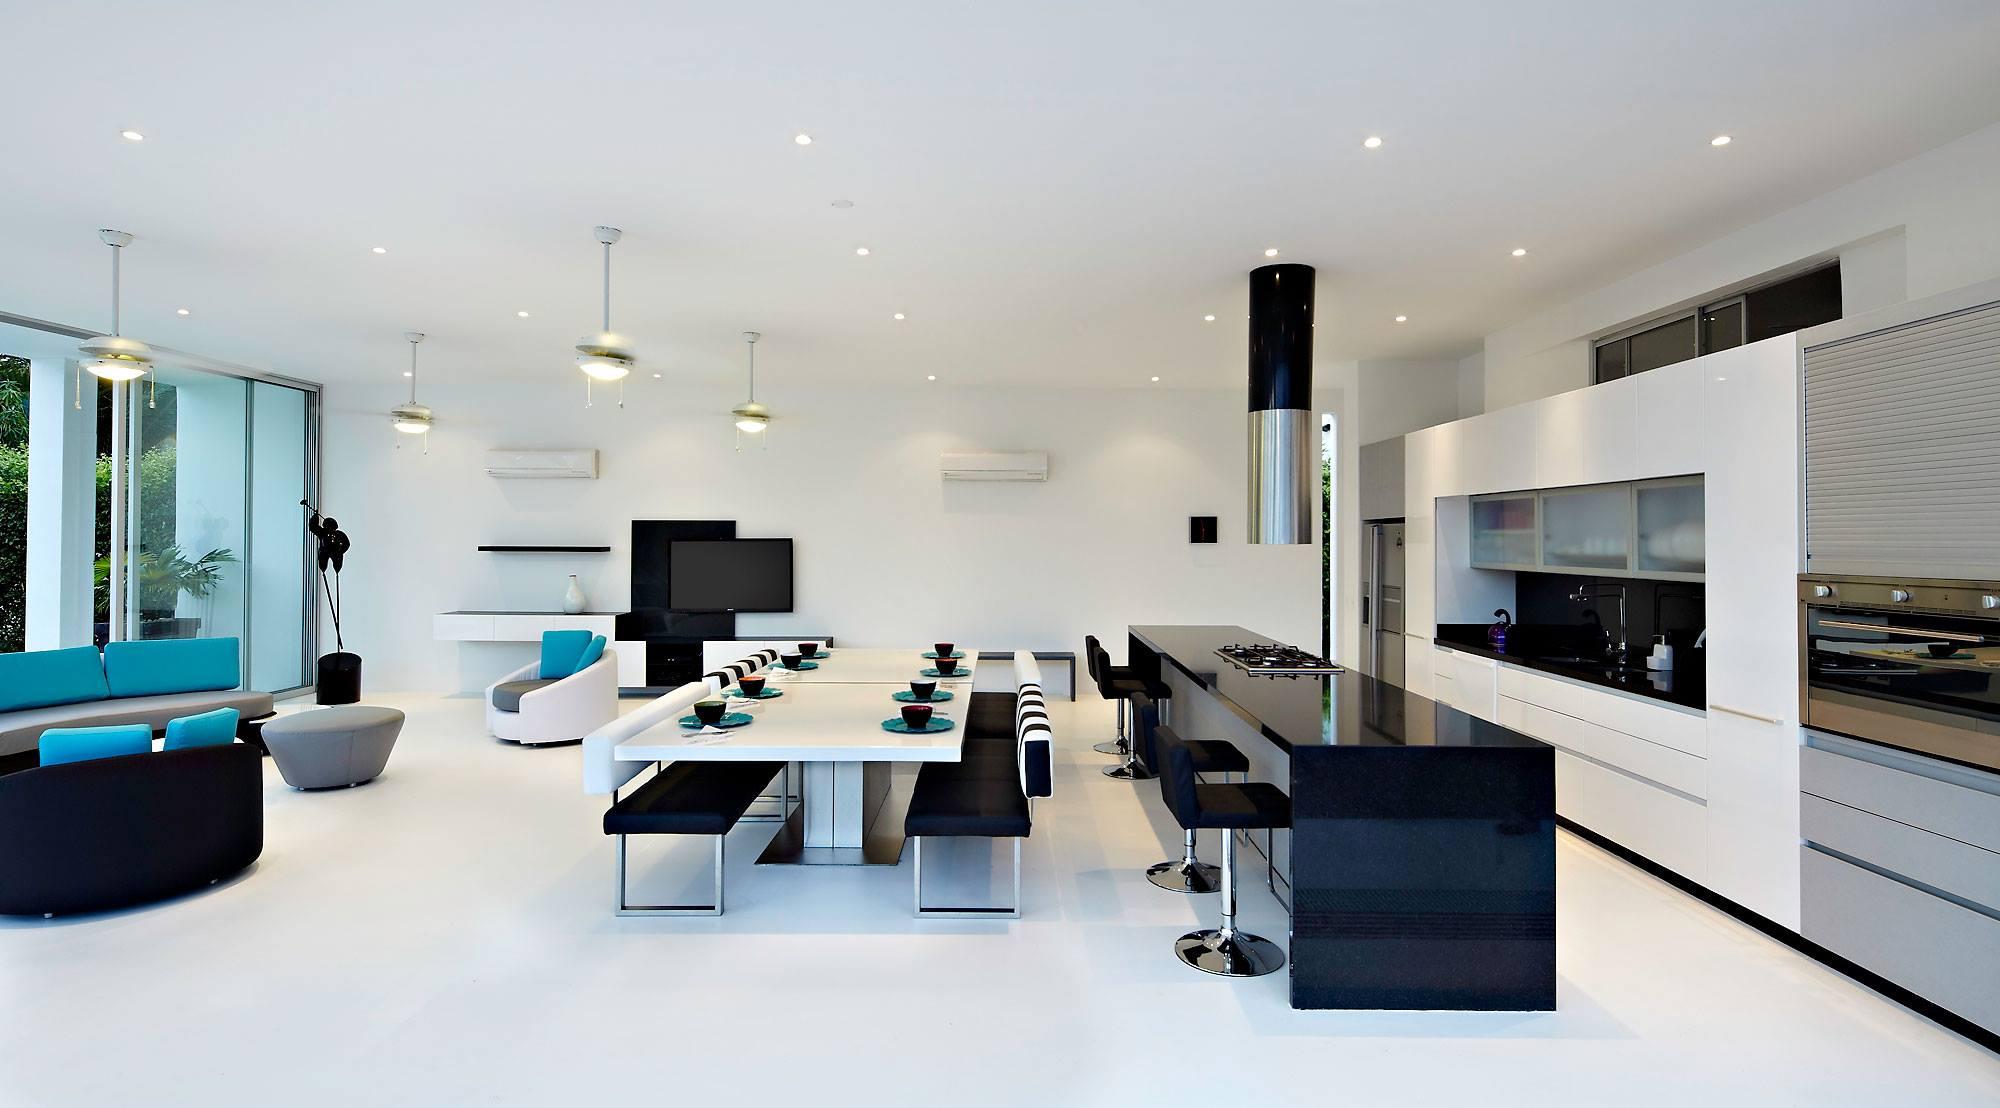 Creative Architecture4